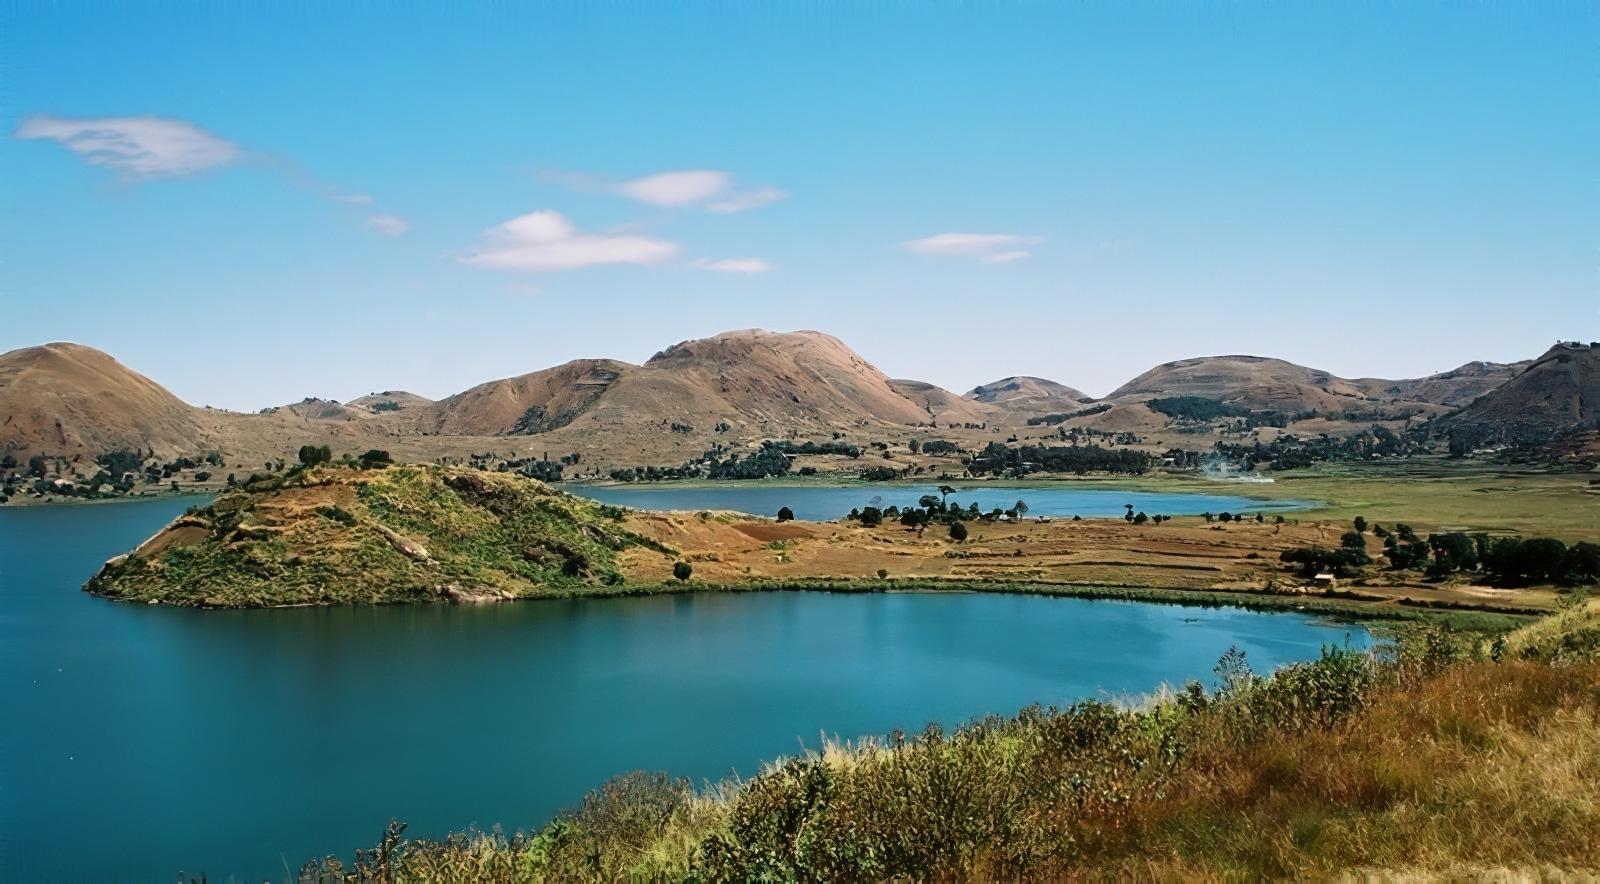 Lac d'Itasy, Madagascar